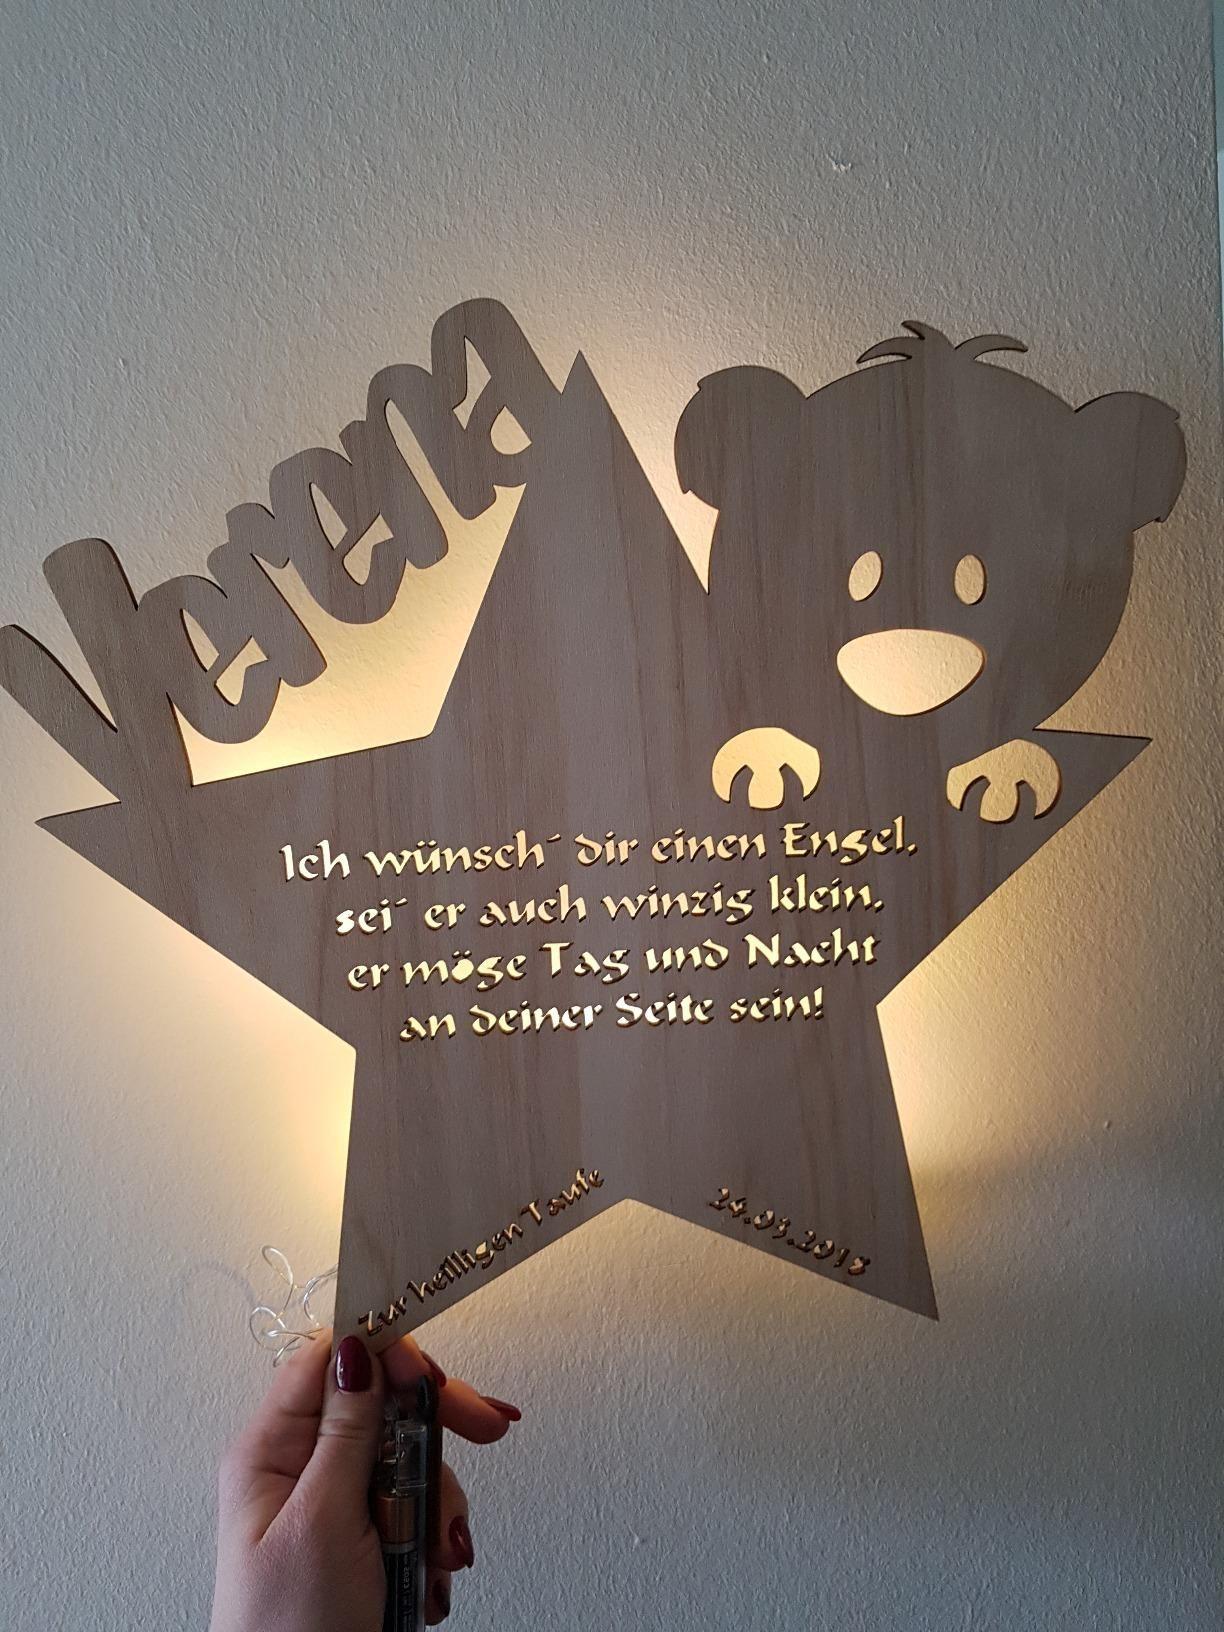 Schlummerlicht24 Led Nachtlicht Baby Lampe Teddy Stern Baby Geschenke Zur Taufe Mit Namen Tauf Spruch Gravur Personalisi Geschenk Taufe Taufgeschenke Zur Taufe